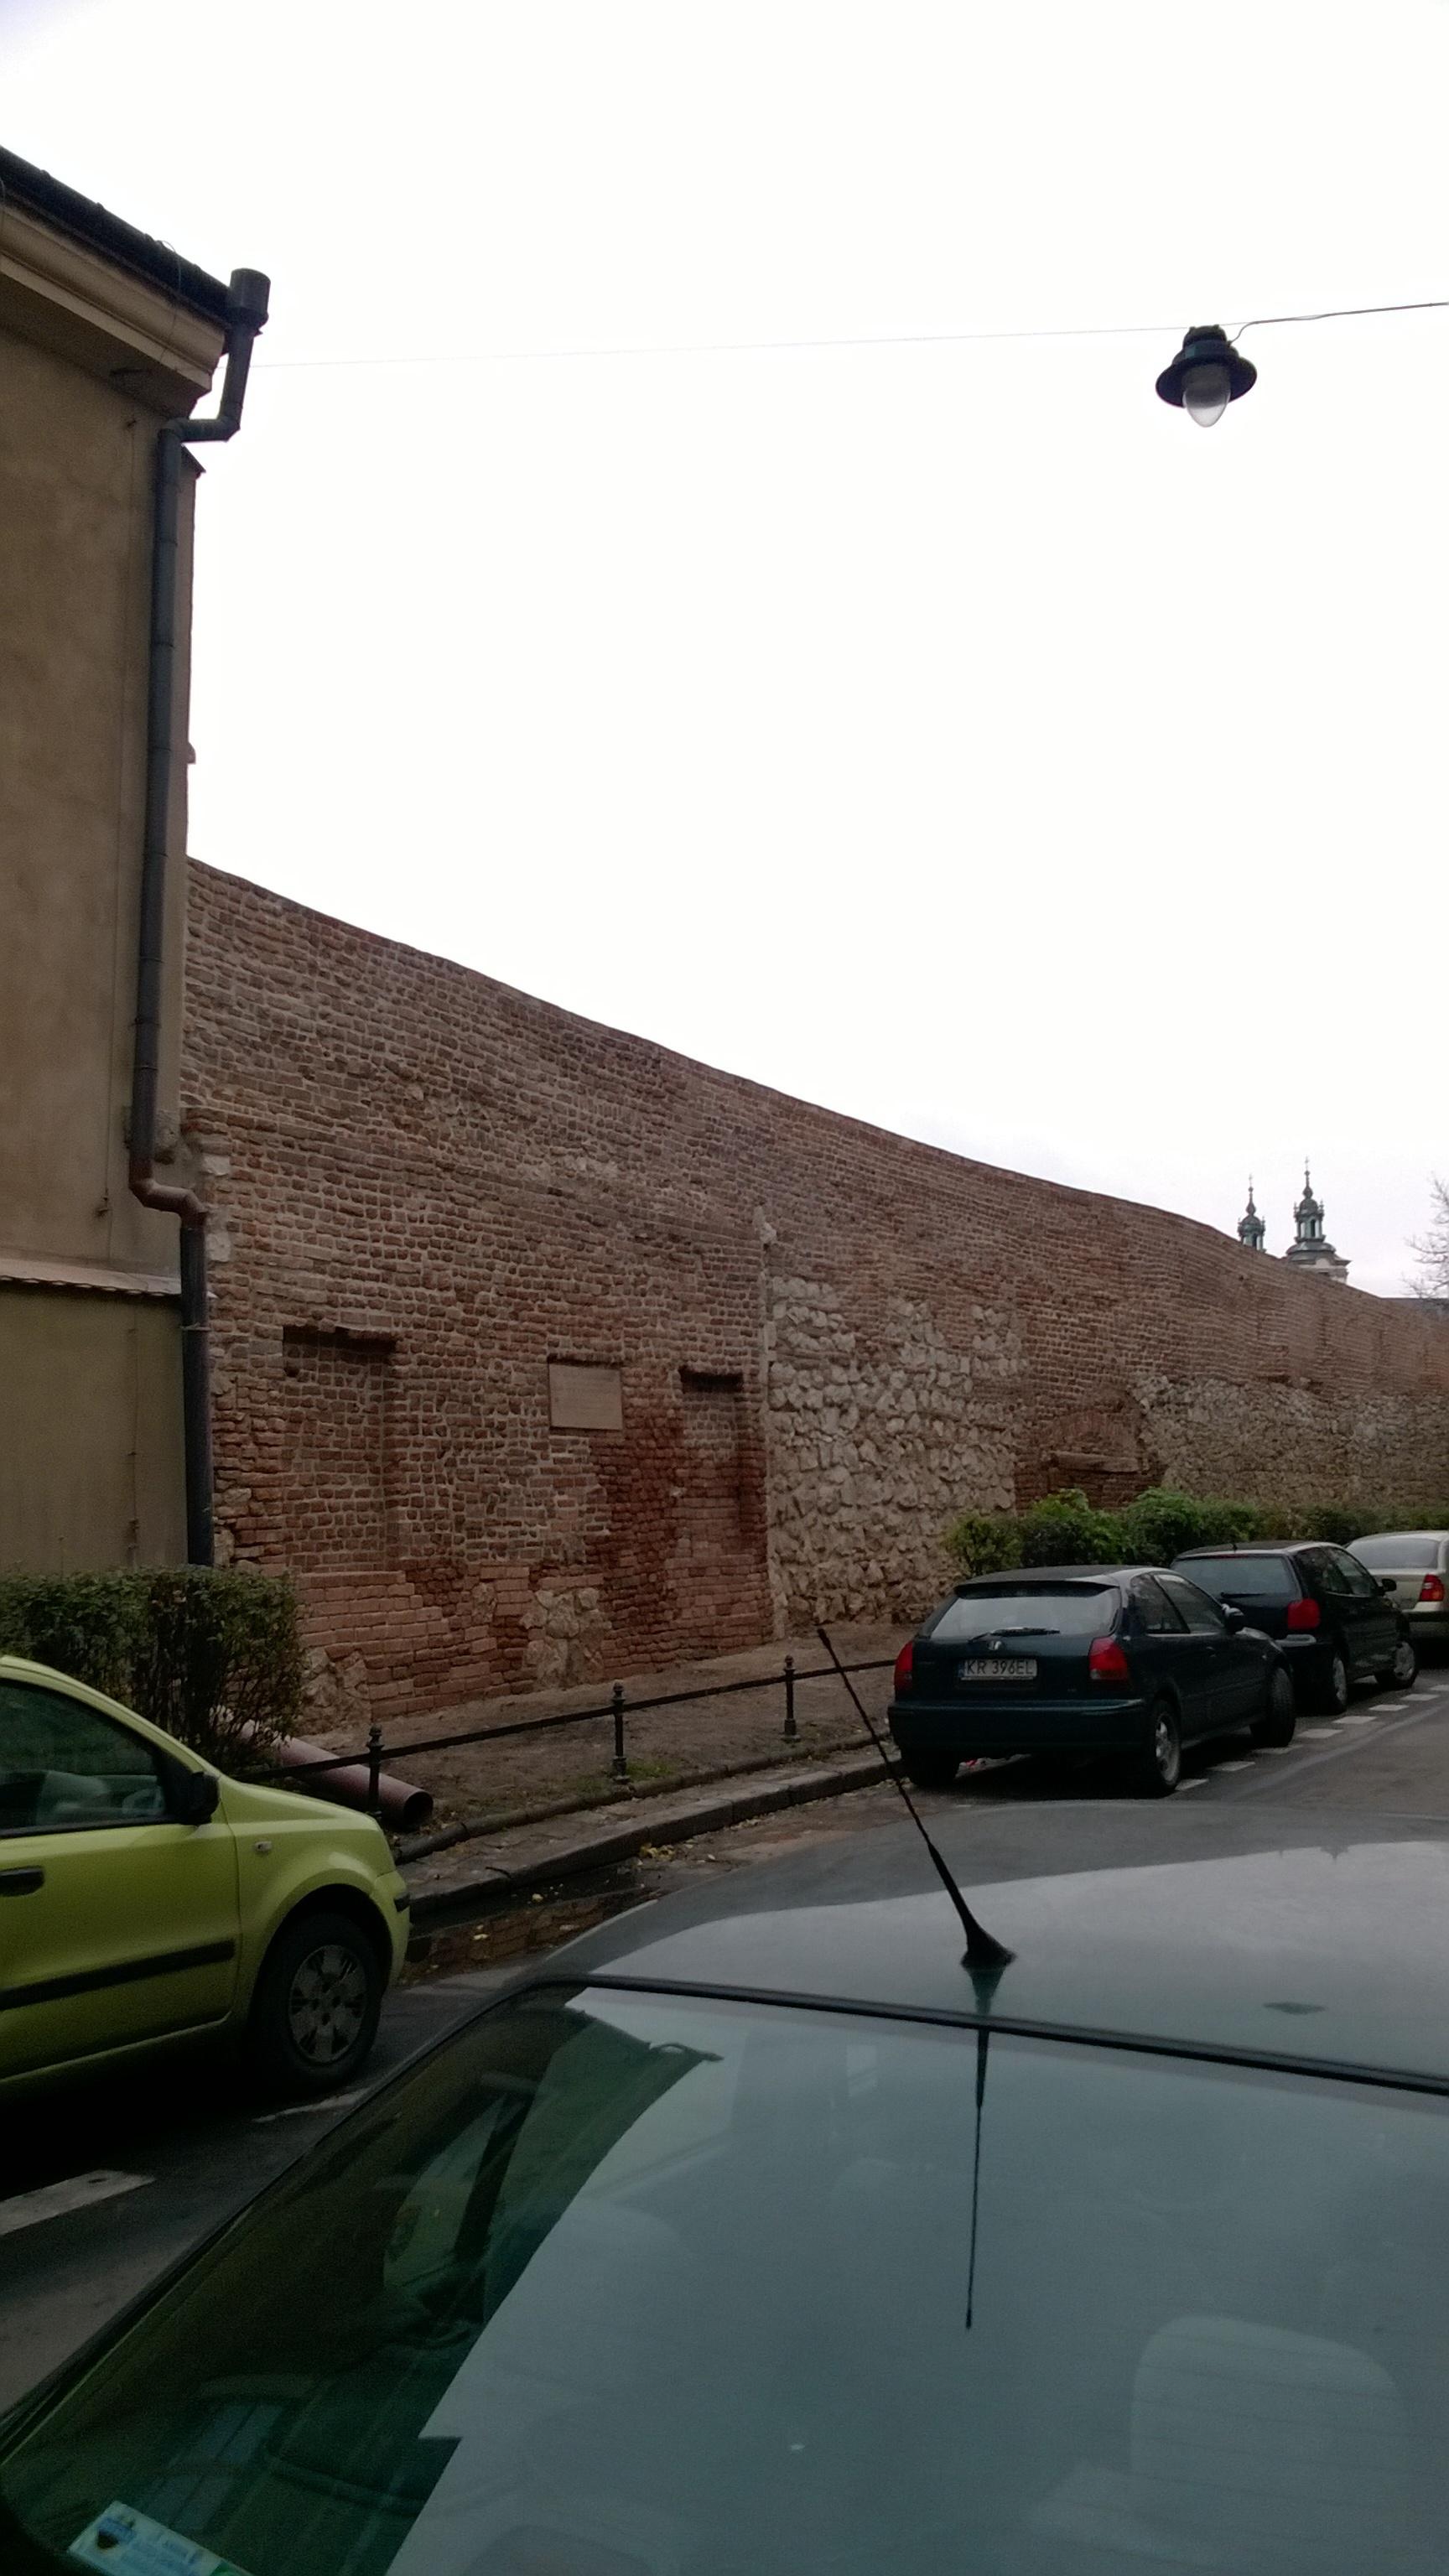 Renovated defenive wall of Kazimierz, 2015.jpg Polski: Mury obronne miasta Kazimierza po renowacji w 2015 Date 11 November 2015, 13:25:03